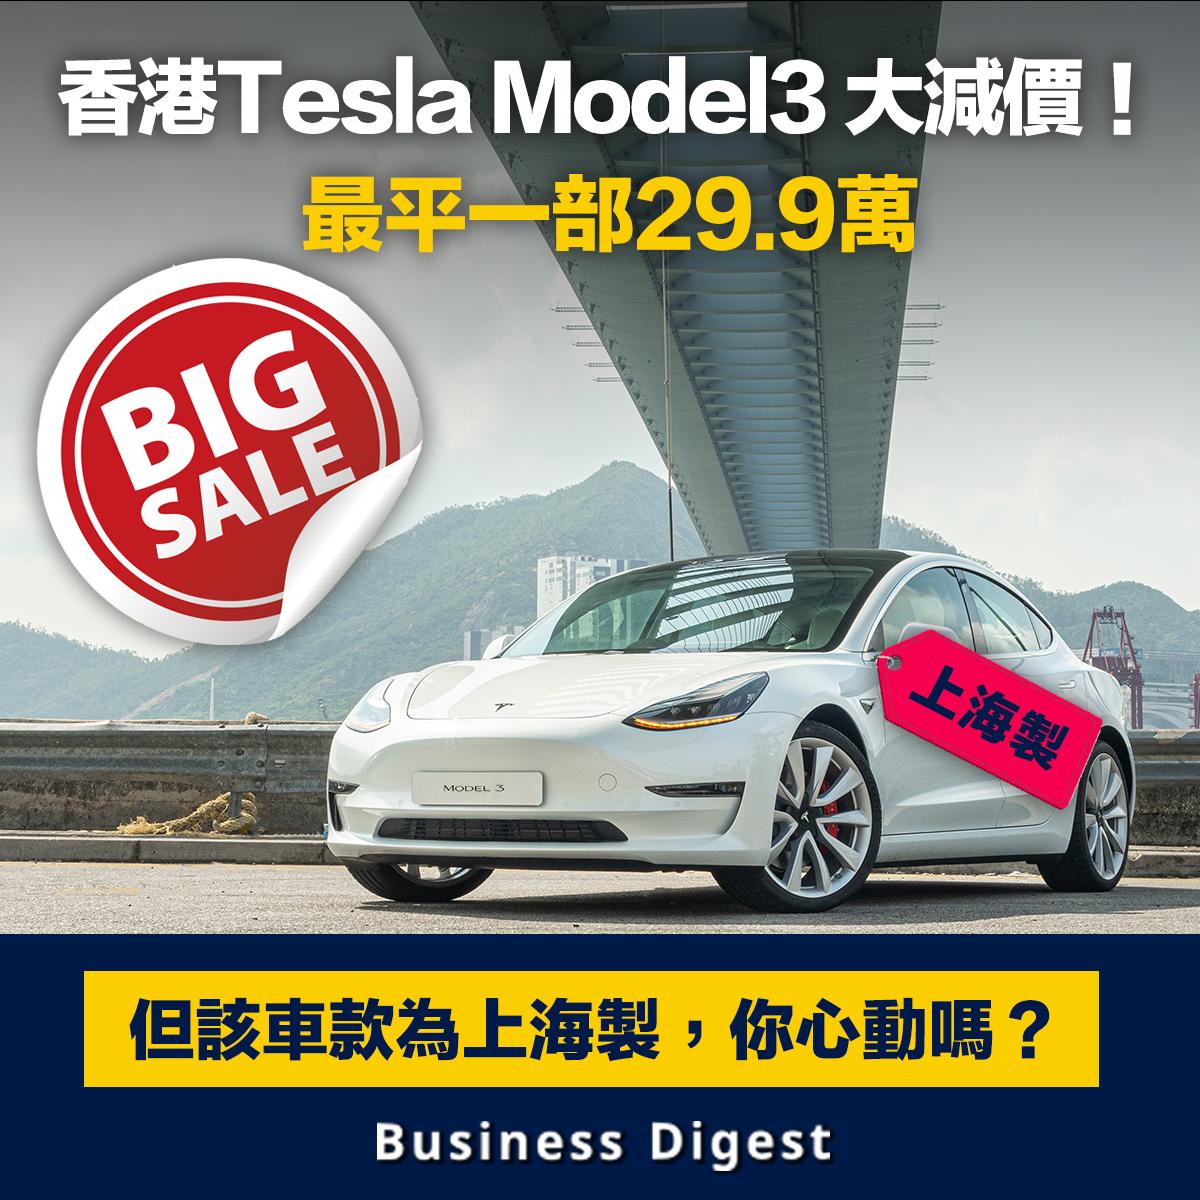 香港Tesla Model 3 大減價!最平一部29.9萬